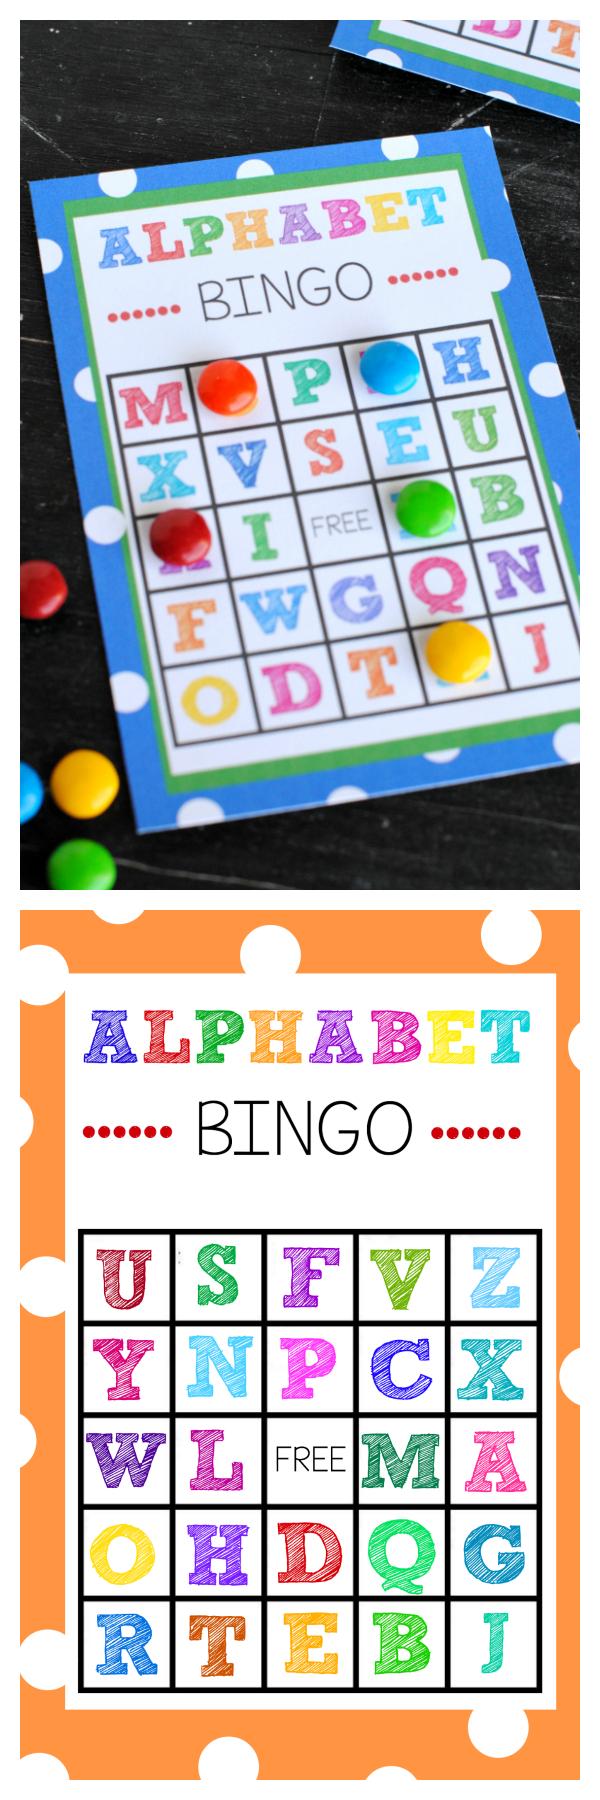 Free Printable Alphabet Bingo Game - Free Printable Alphabet Games